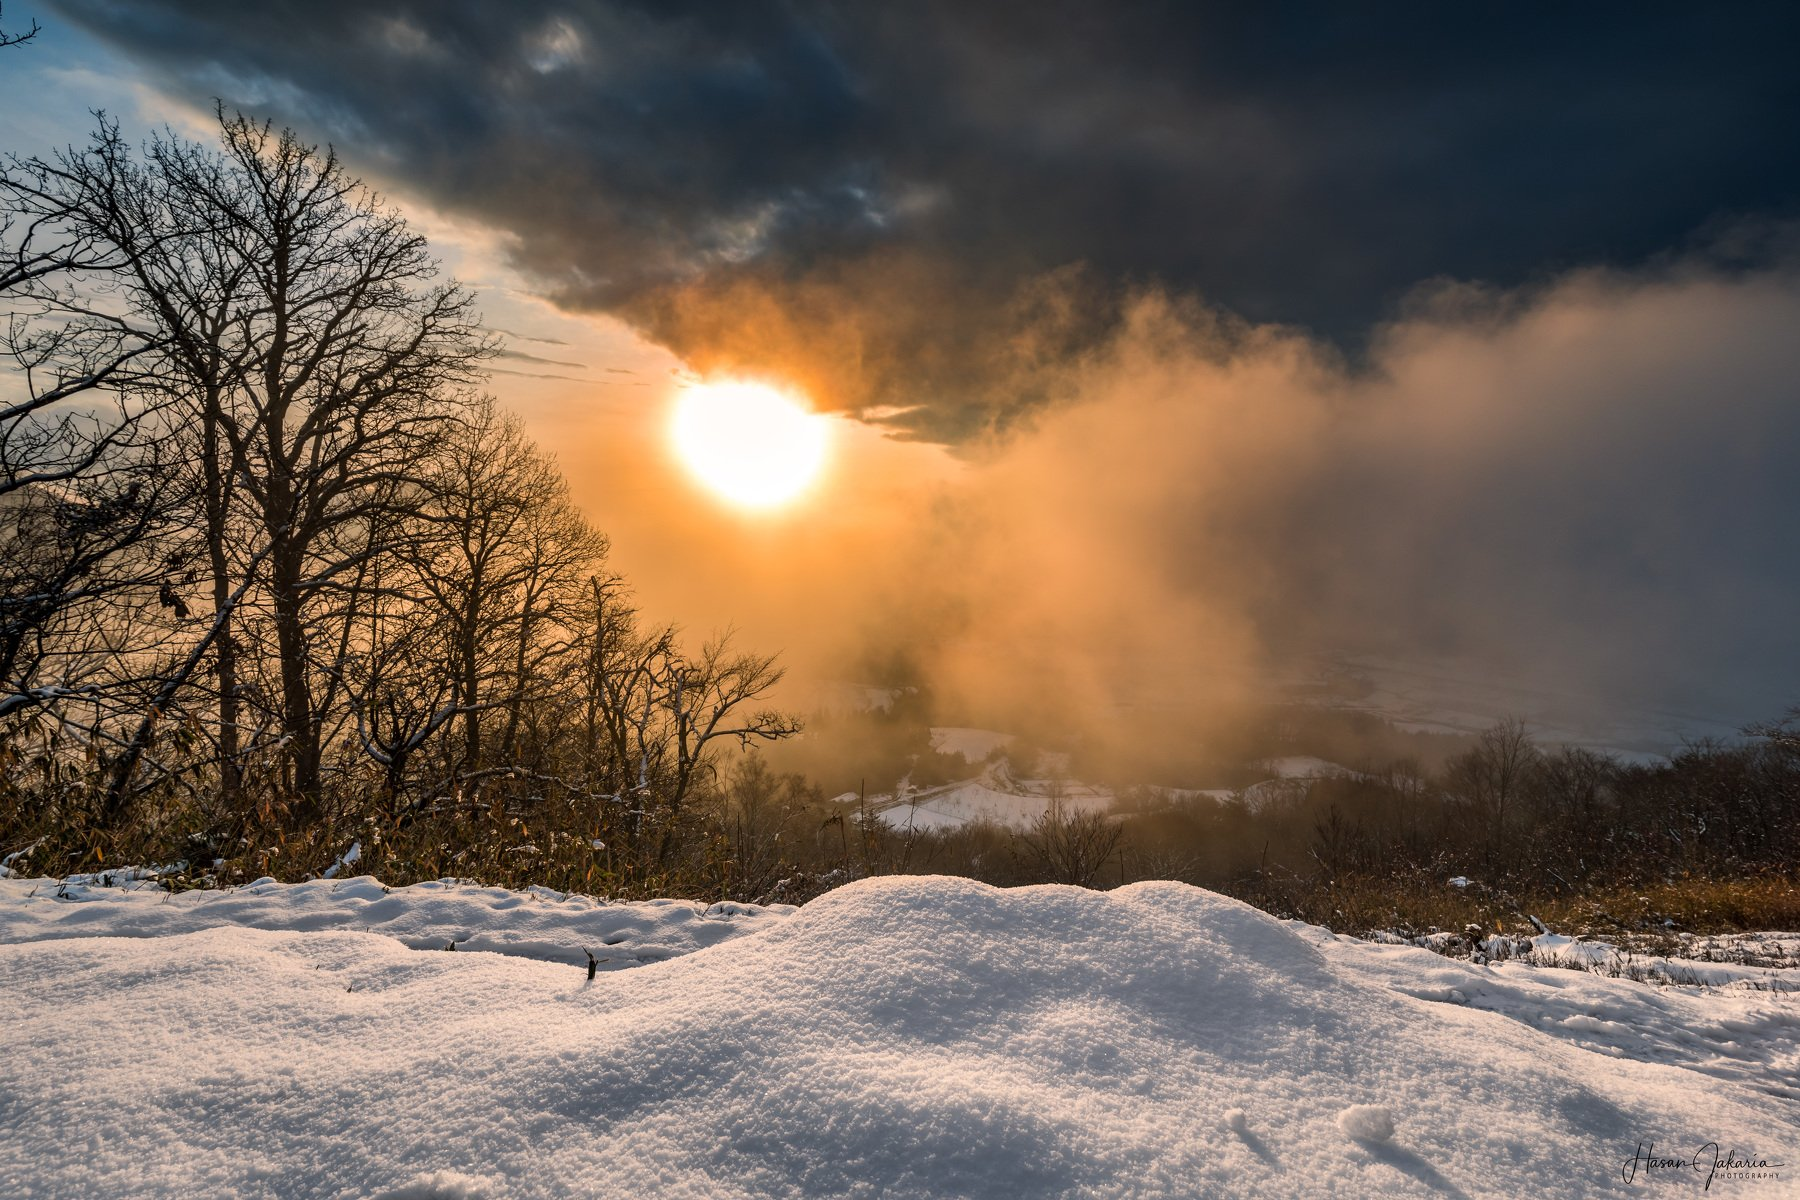 winter snow kyoto japan landscape nature mountain mist sun, Hasan Jakaria